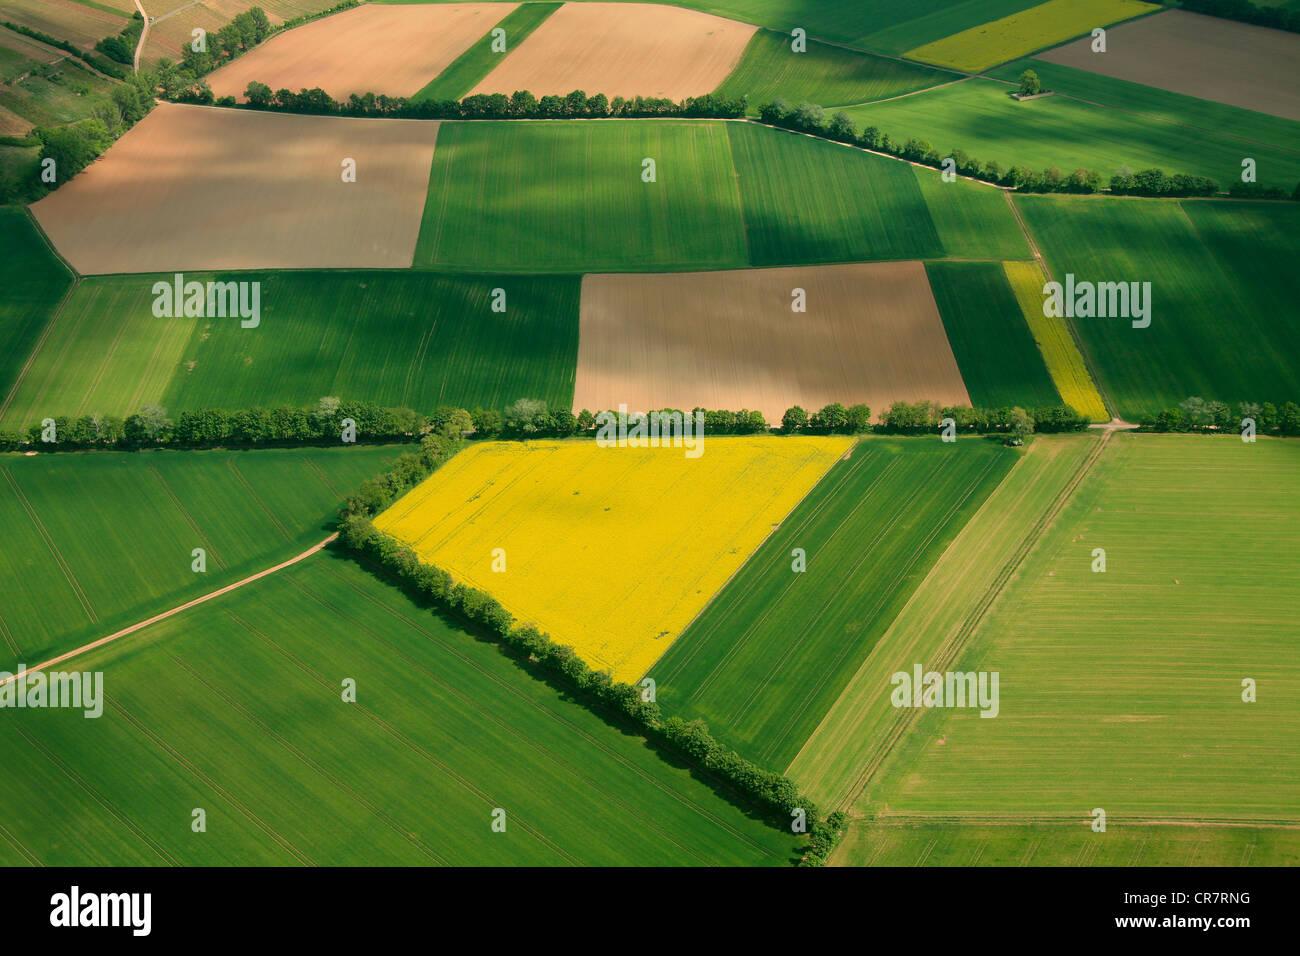 Luftbild, Getreide und Raps Felder getrennt durch Hecken, ebenso-Buedesheim, Rheinland-Pfalz, Deutschland, Europa Stockfoto